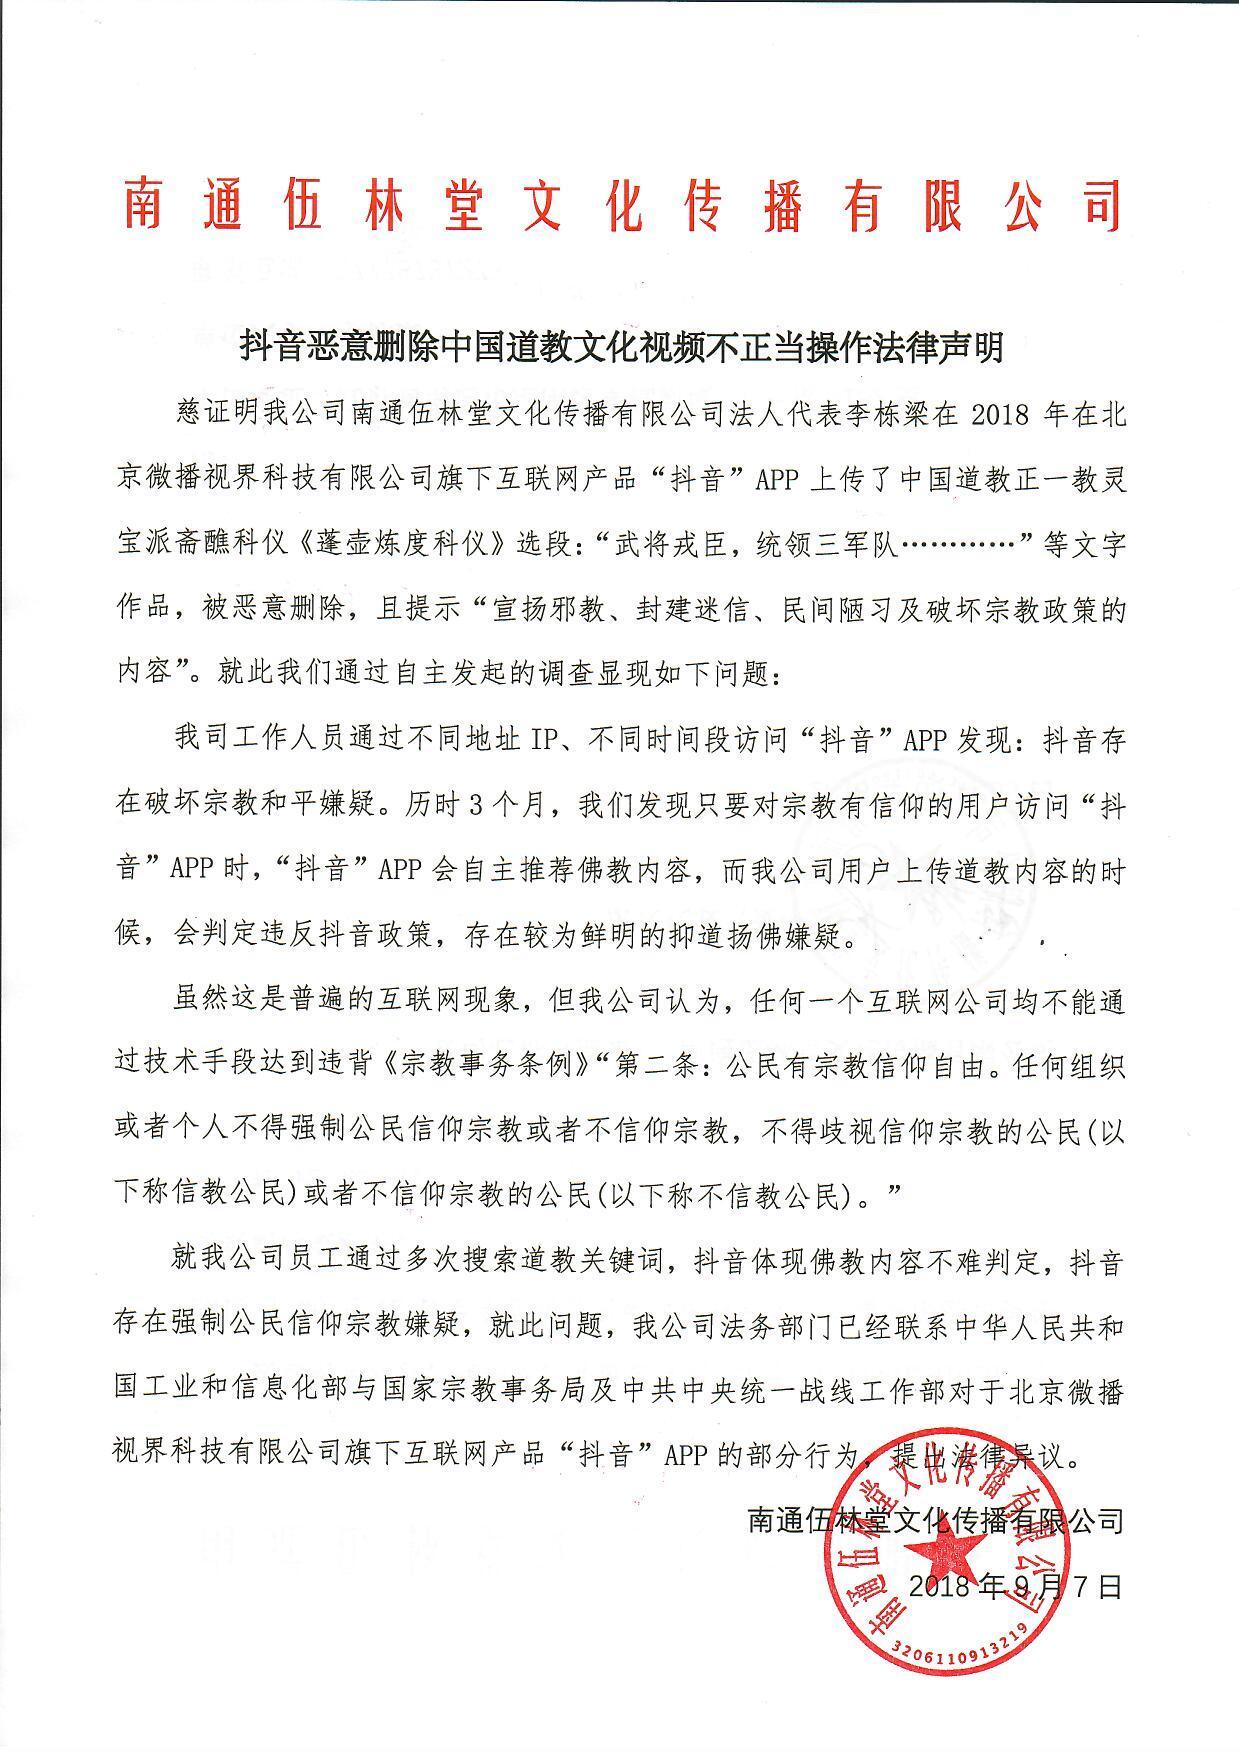 Scan.jpg 抖音恶意删除中国道教文化视频不正当操作法律声明  第1张